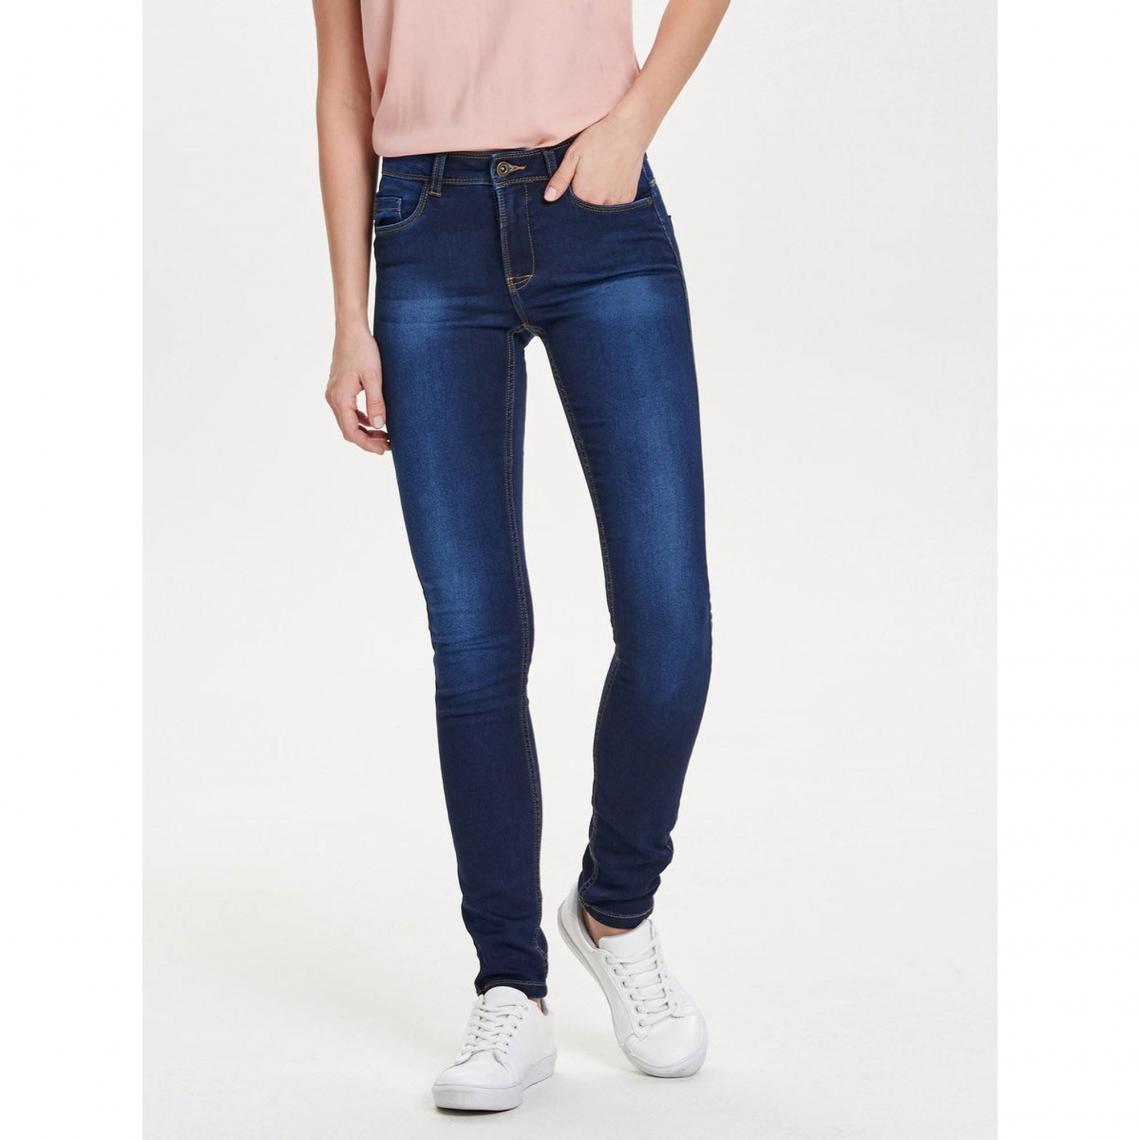 763a161ab9b Jean skinny regular super stretch L34 femme Only - Denim Foncé Only Femme